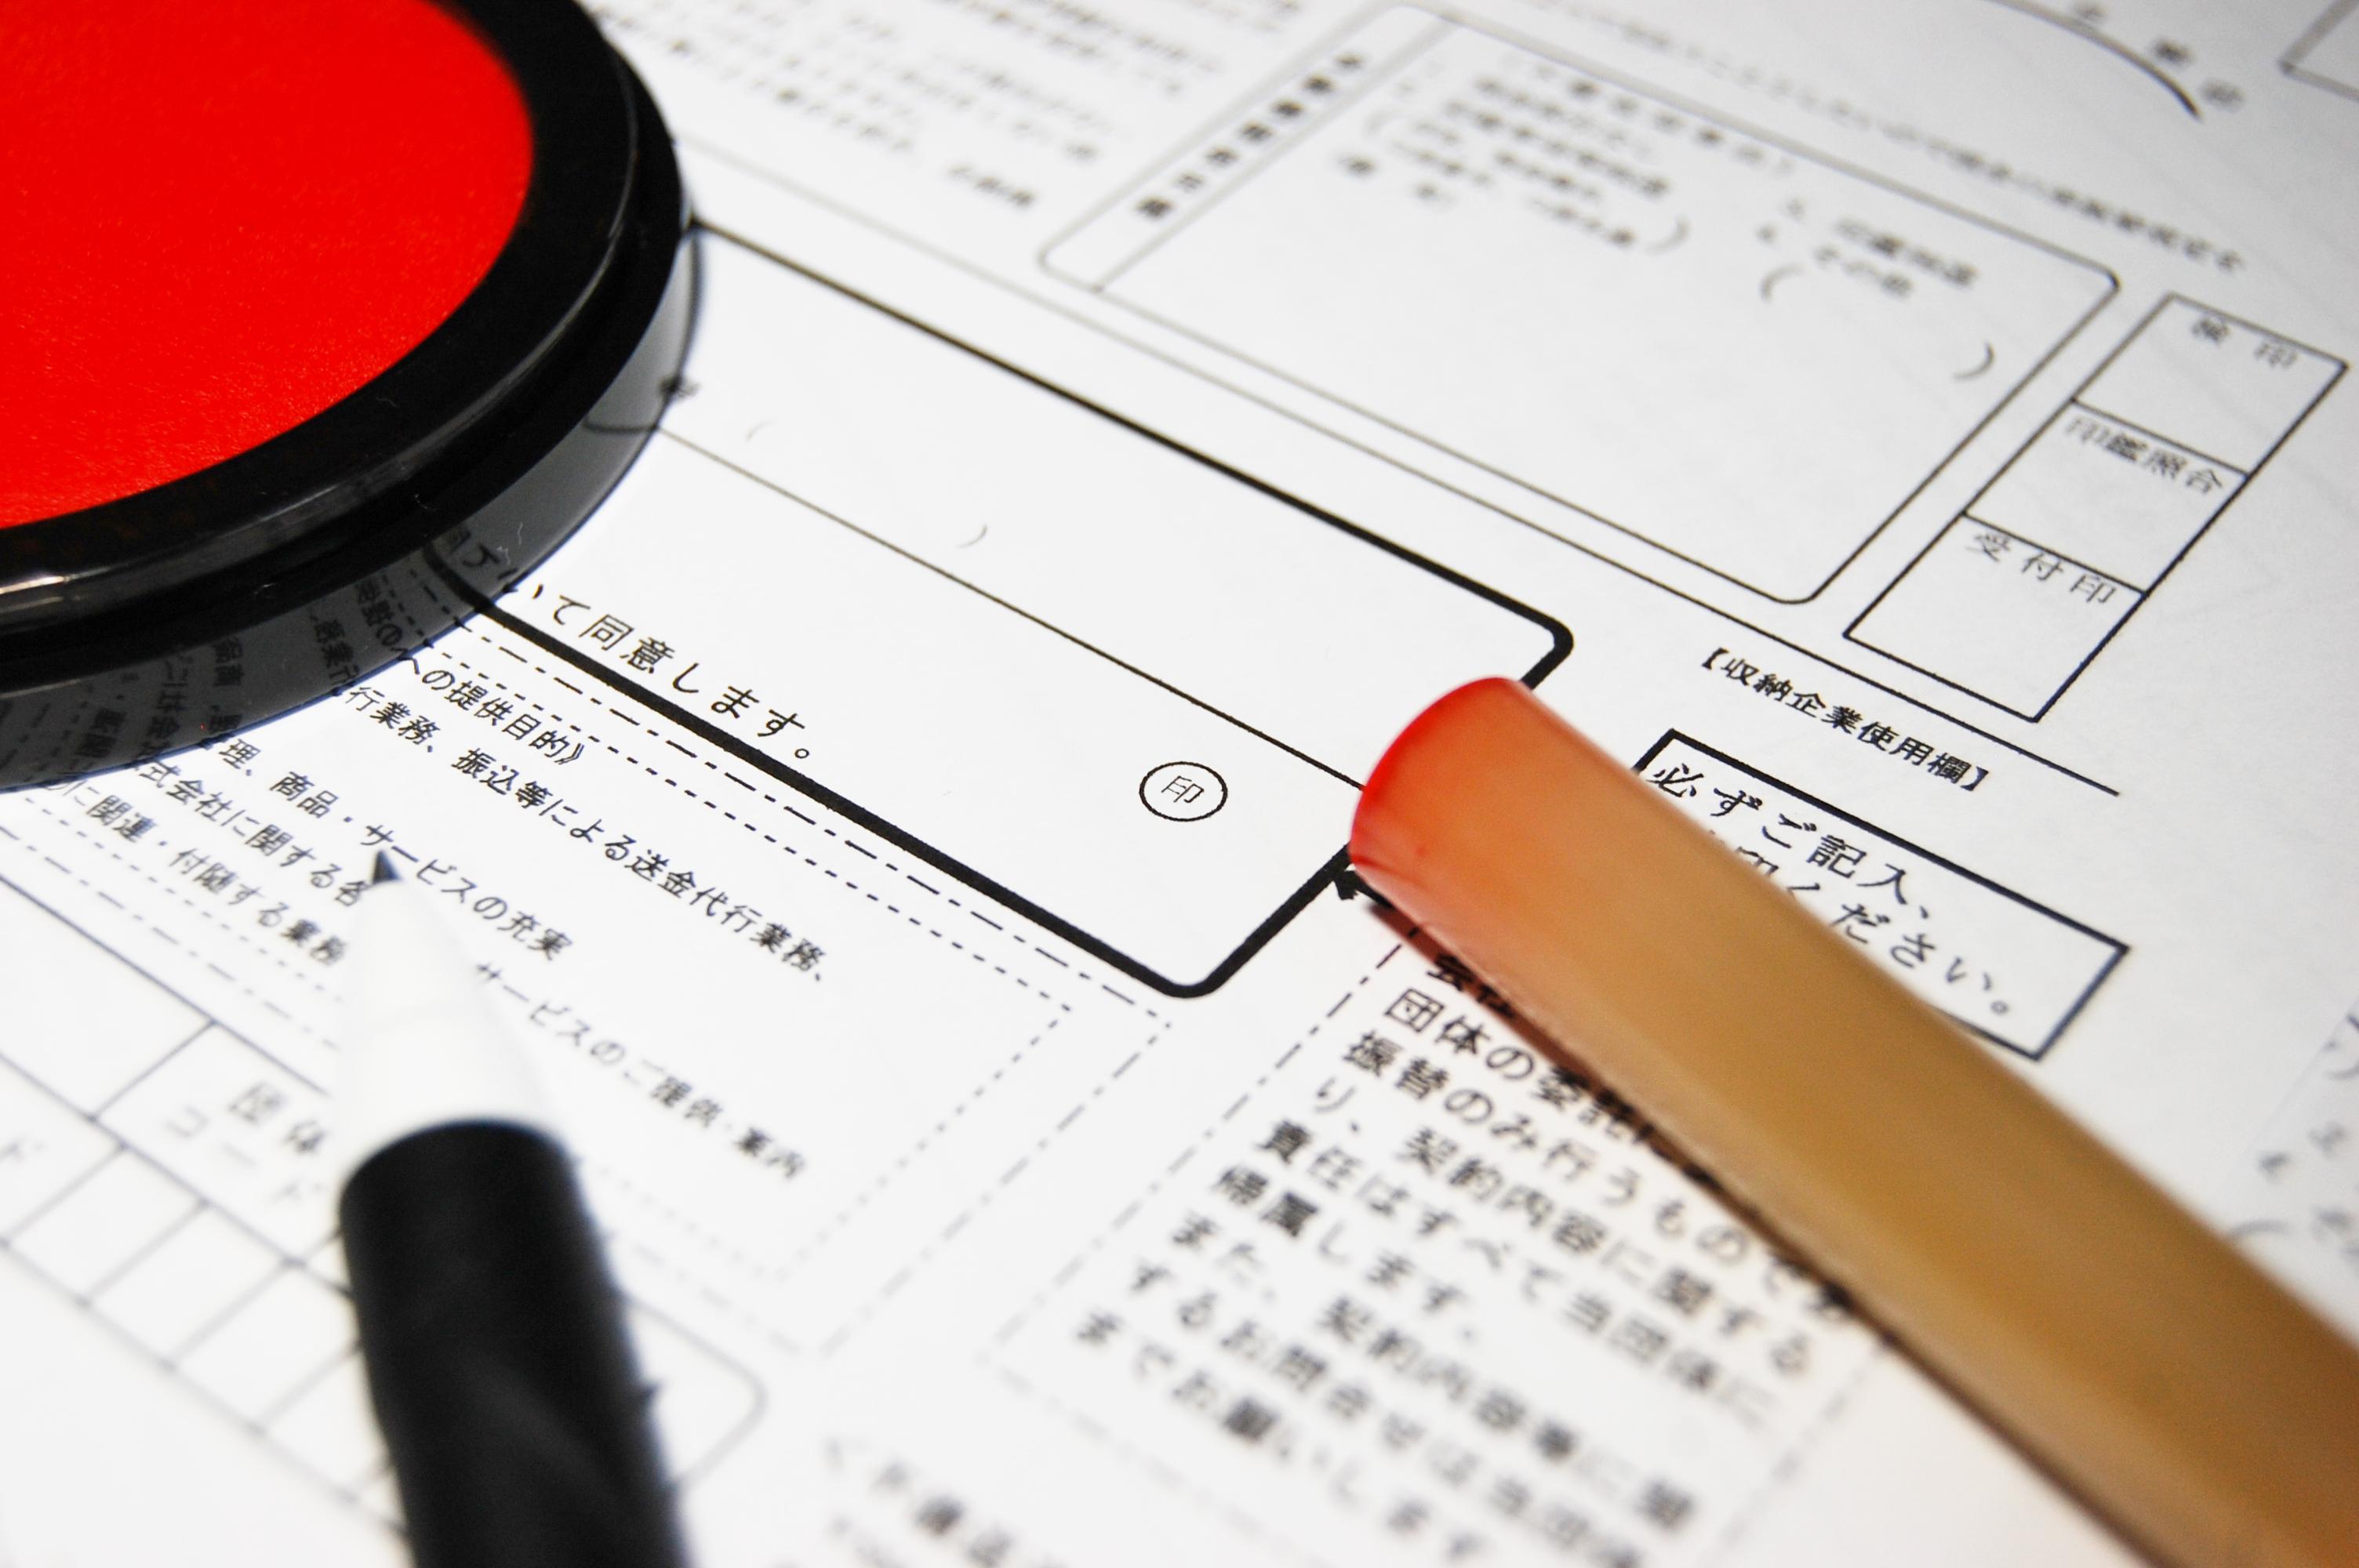 印鑑 法人登記 法案提出 見送り デジタル手続法案